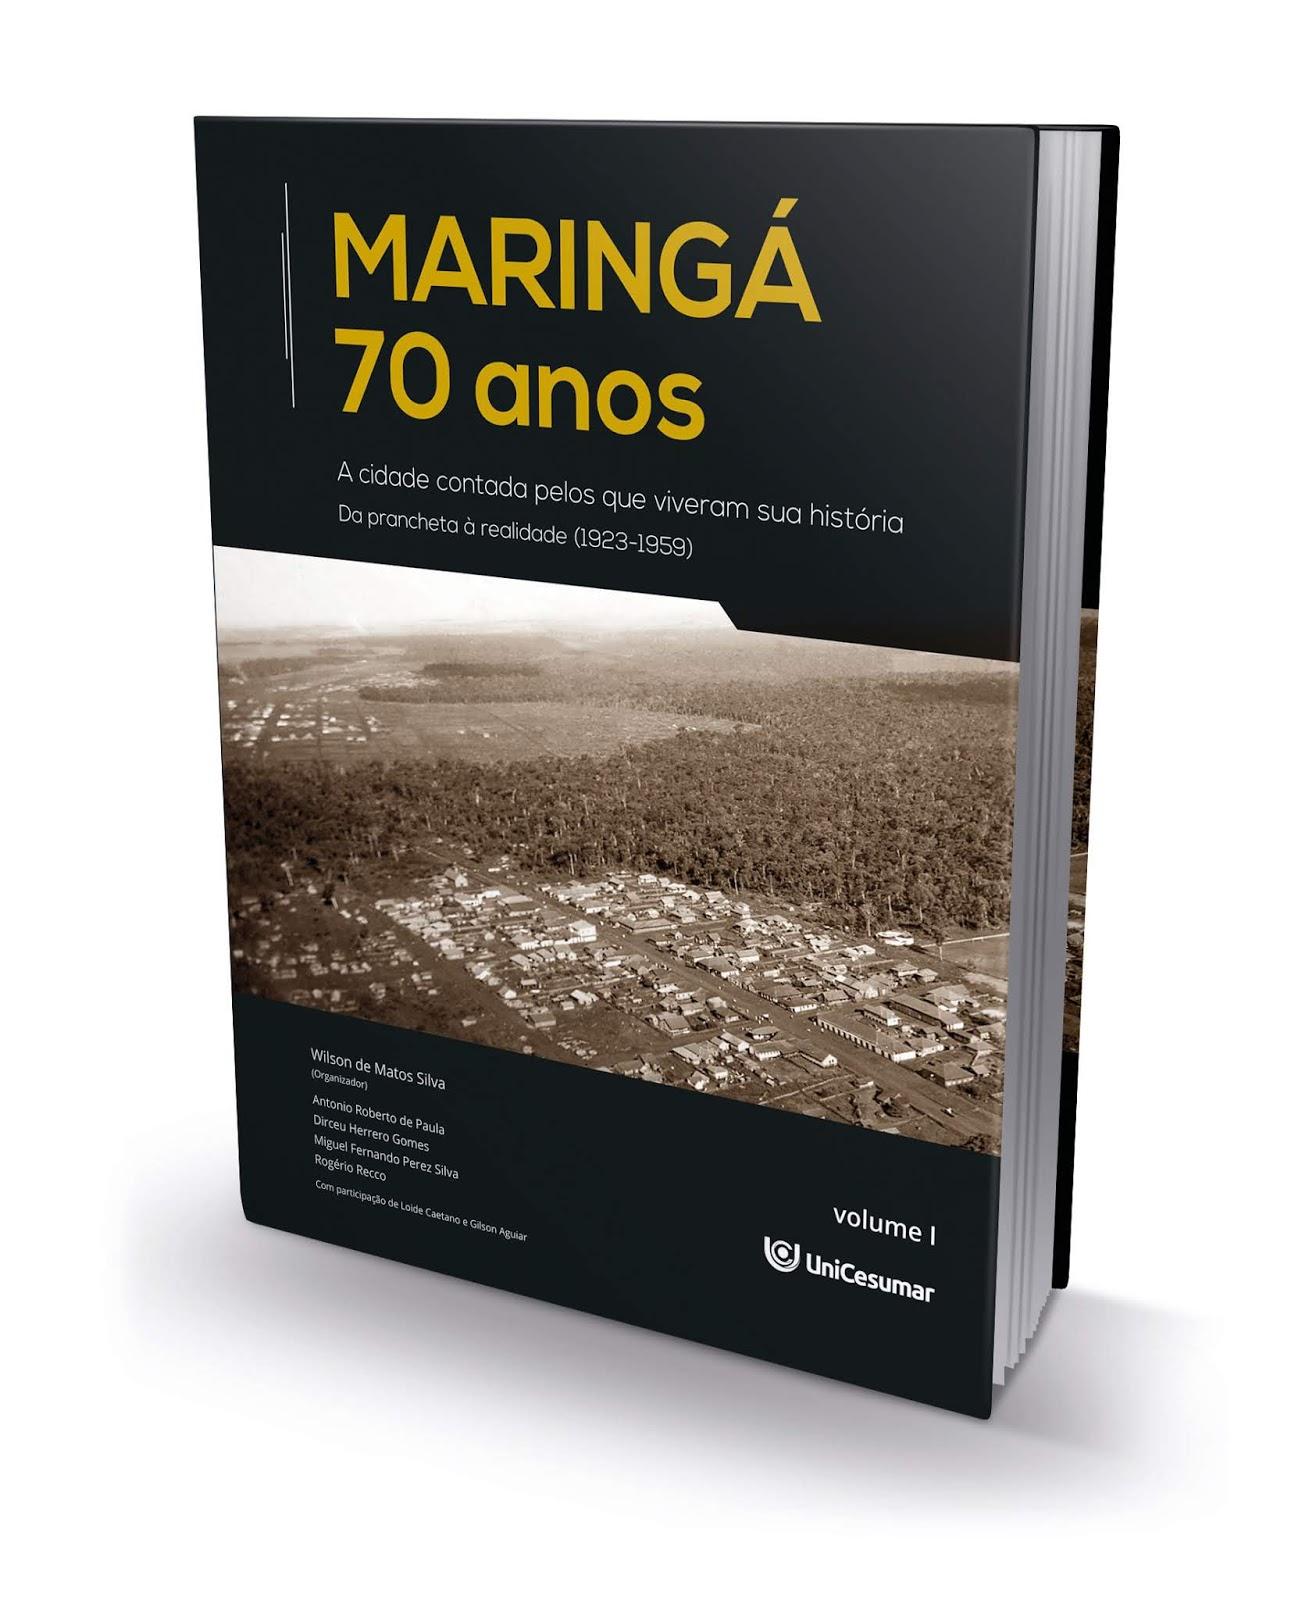 Coletânea de livros: Maringá 70 anos - a cidade contada pelos que viveram sua história